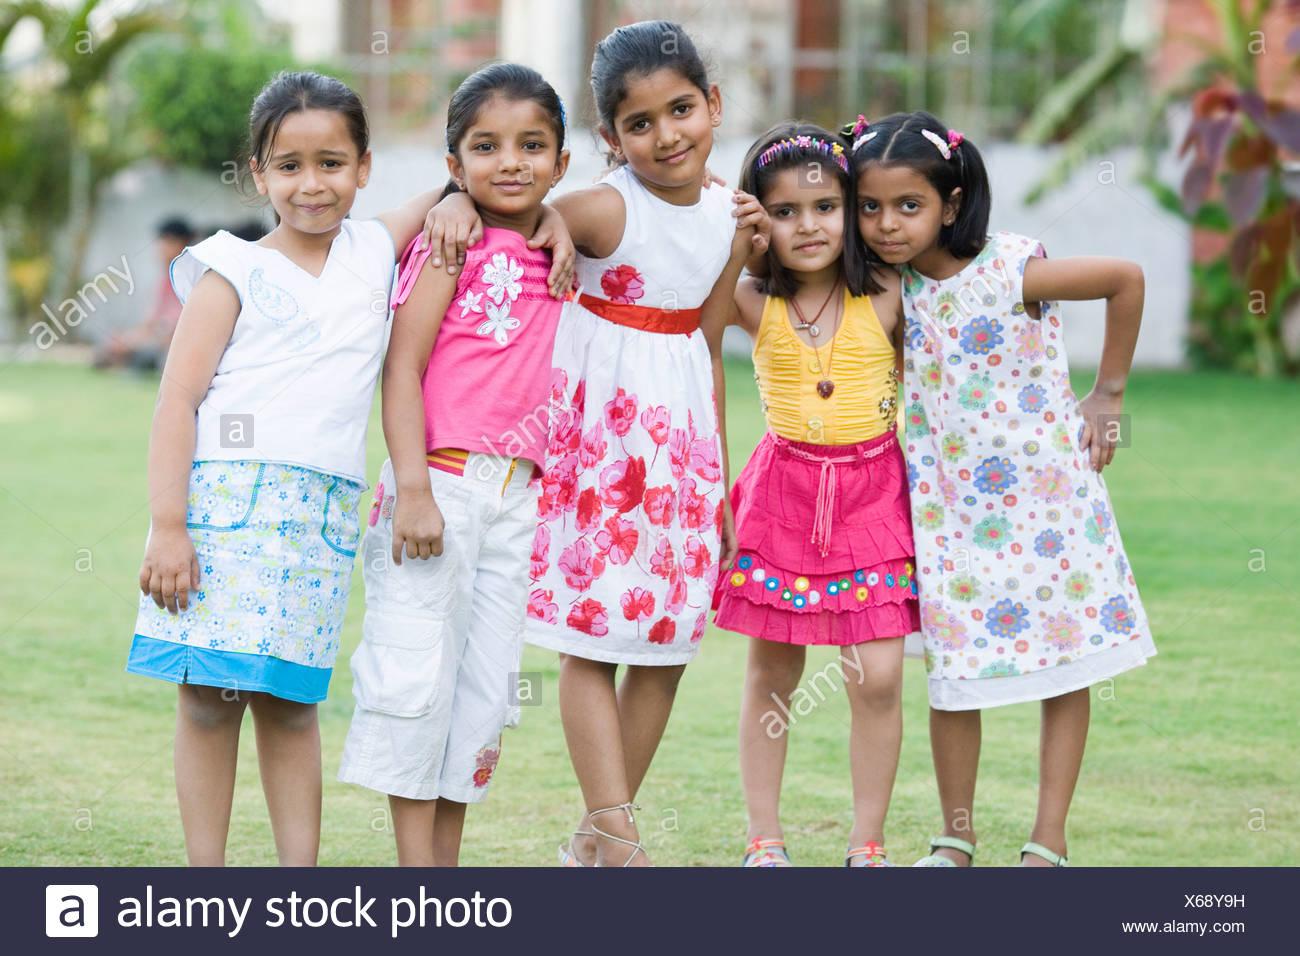 Portrait de cinq filles debout dans une pelouse Photo Stock